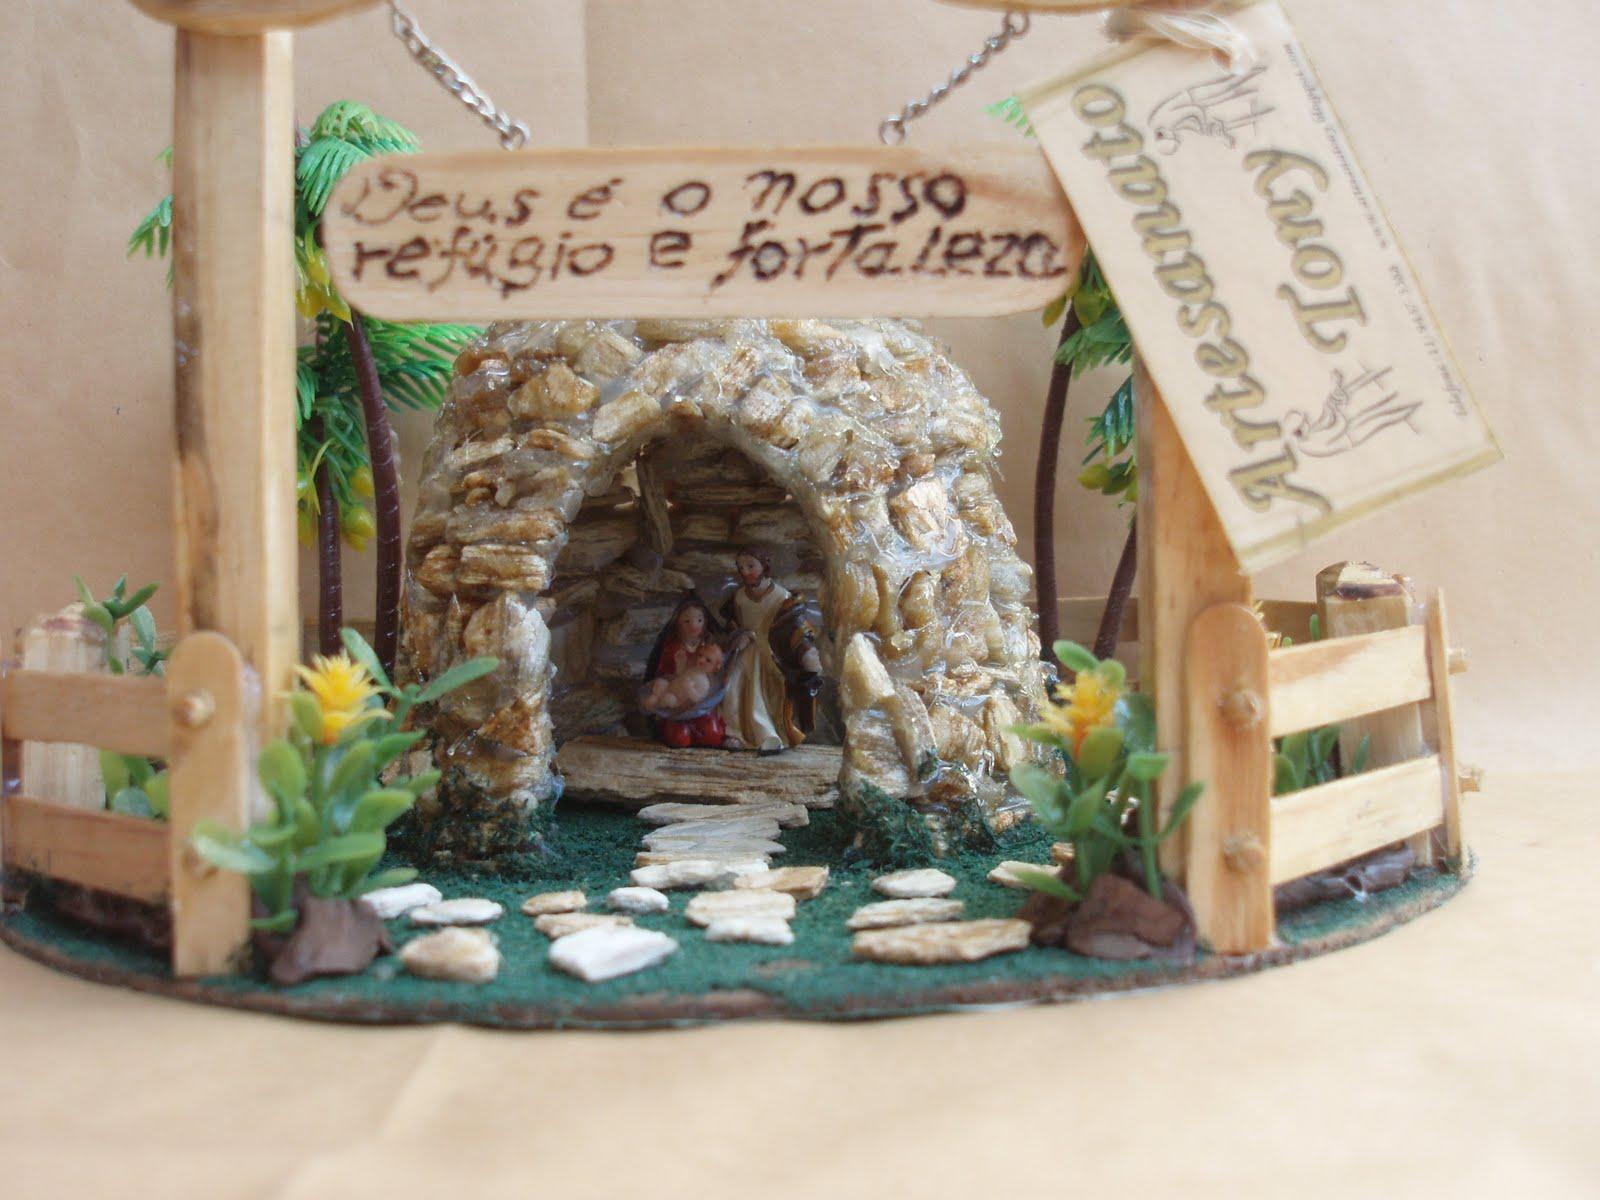 gruta de pedra para jardim : gruta de pedra para jardim:Gruta de Pedra com Tres Portais e com Imagem da Sagrada Familia